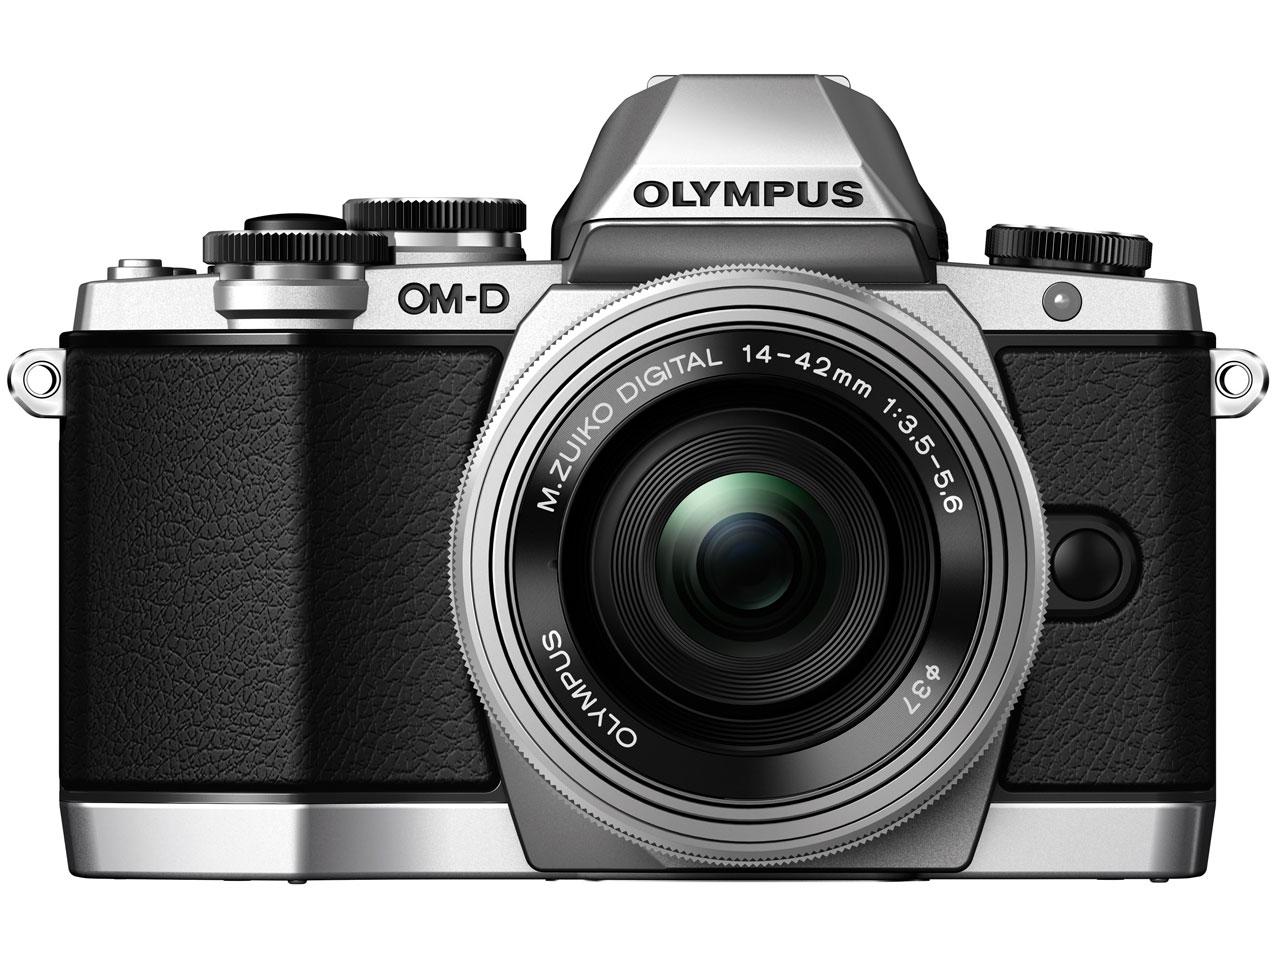 『本体 正面3』 OLYMPUS OM-D E-M10 14-42mm EZ レンズキット [シルバー] の製品画像